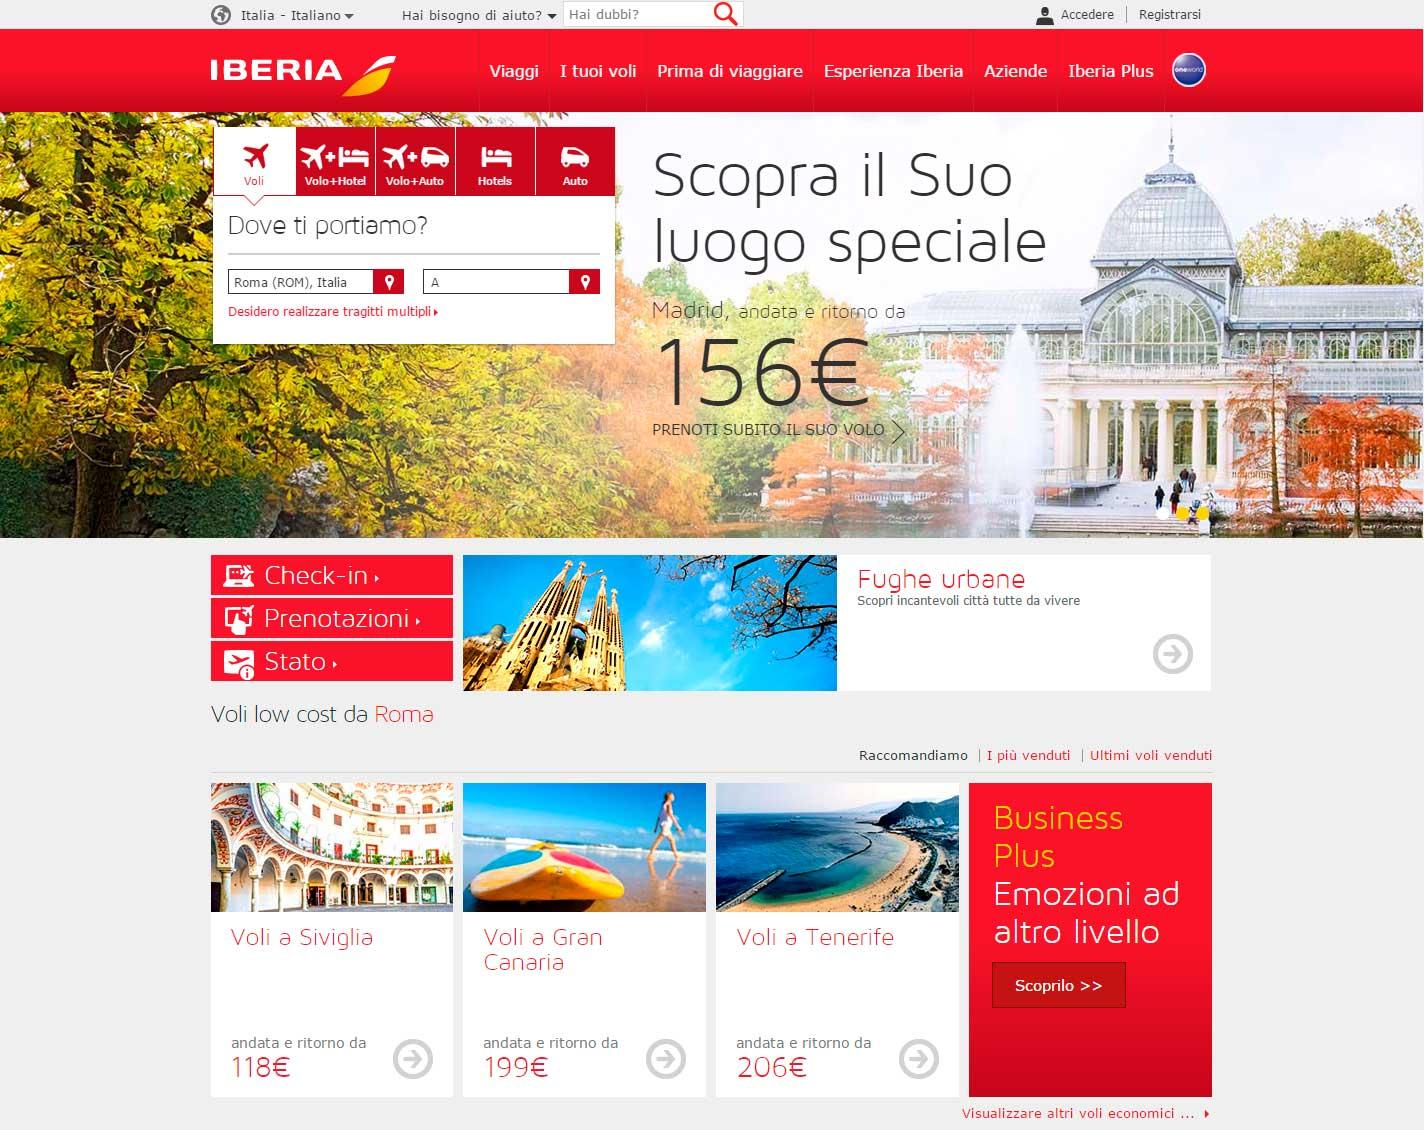 landing page orientate alla vendita: Iberia